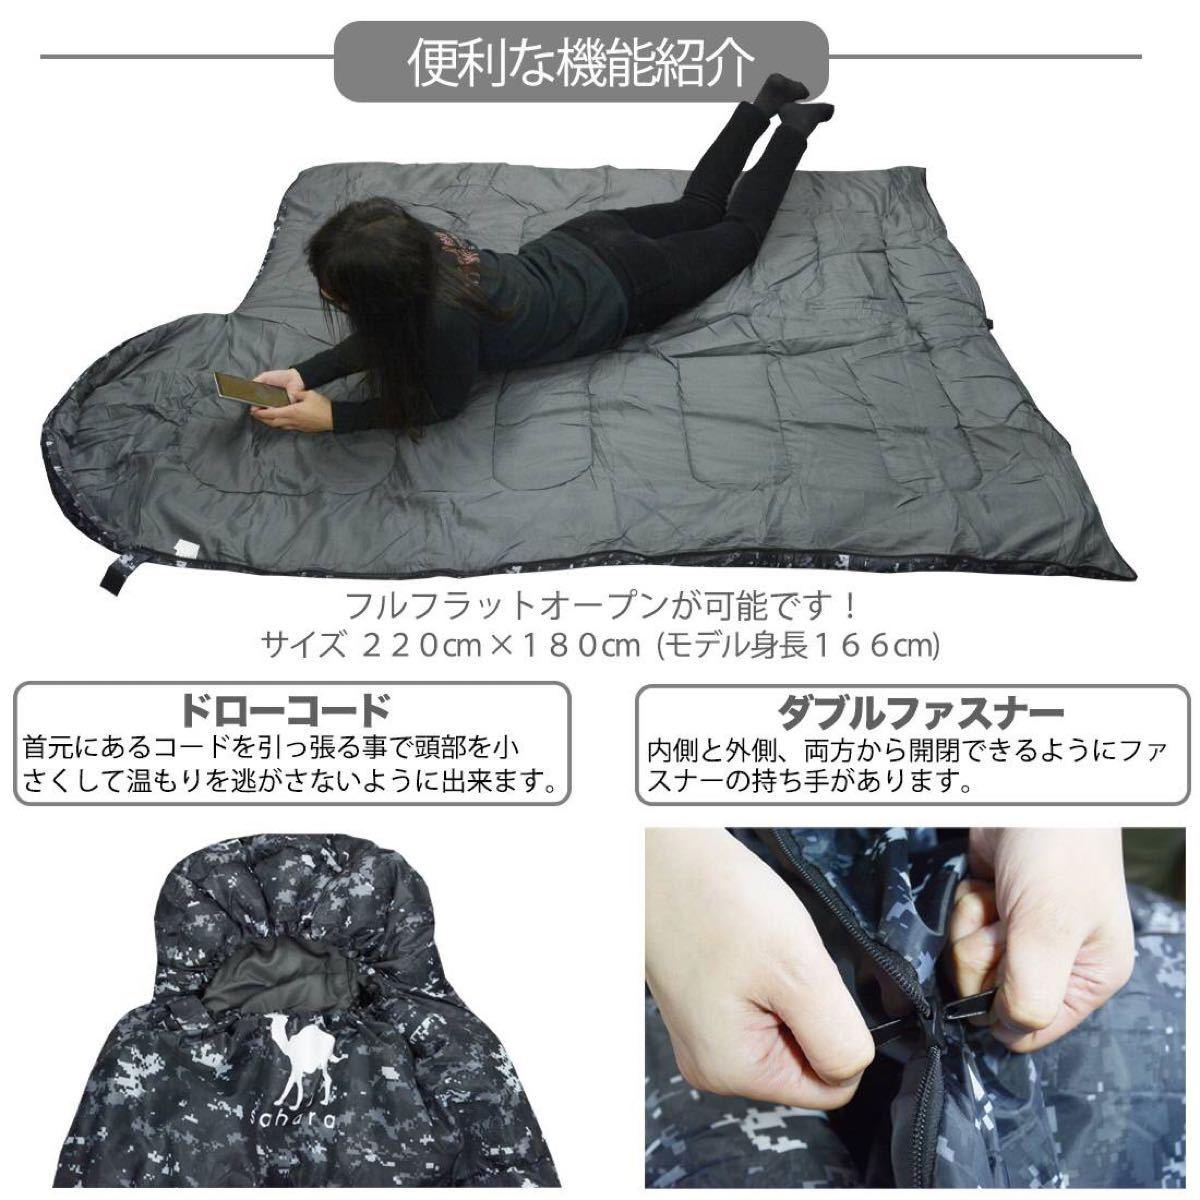 寝袋 シュラフ 封筒型 -15℃ デジタル迷彩 デザート 新品未使用 キャンプ